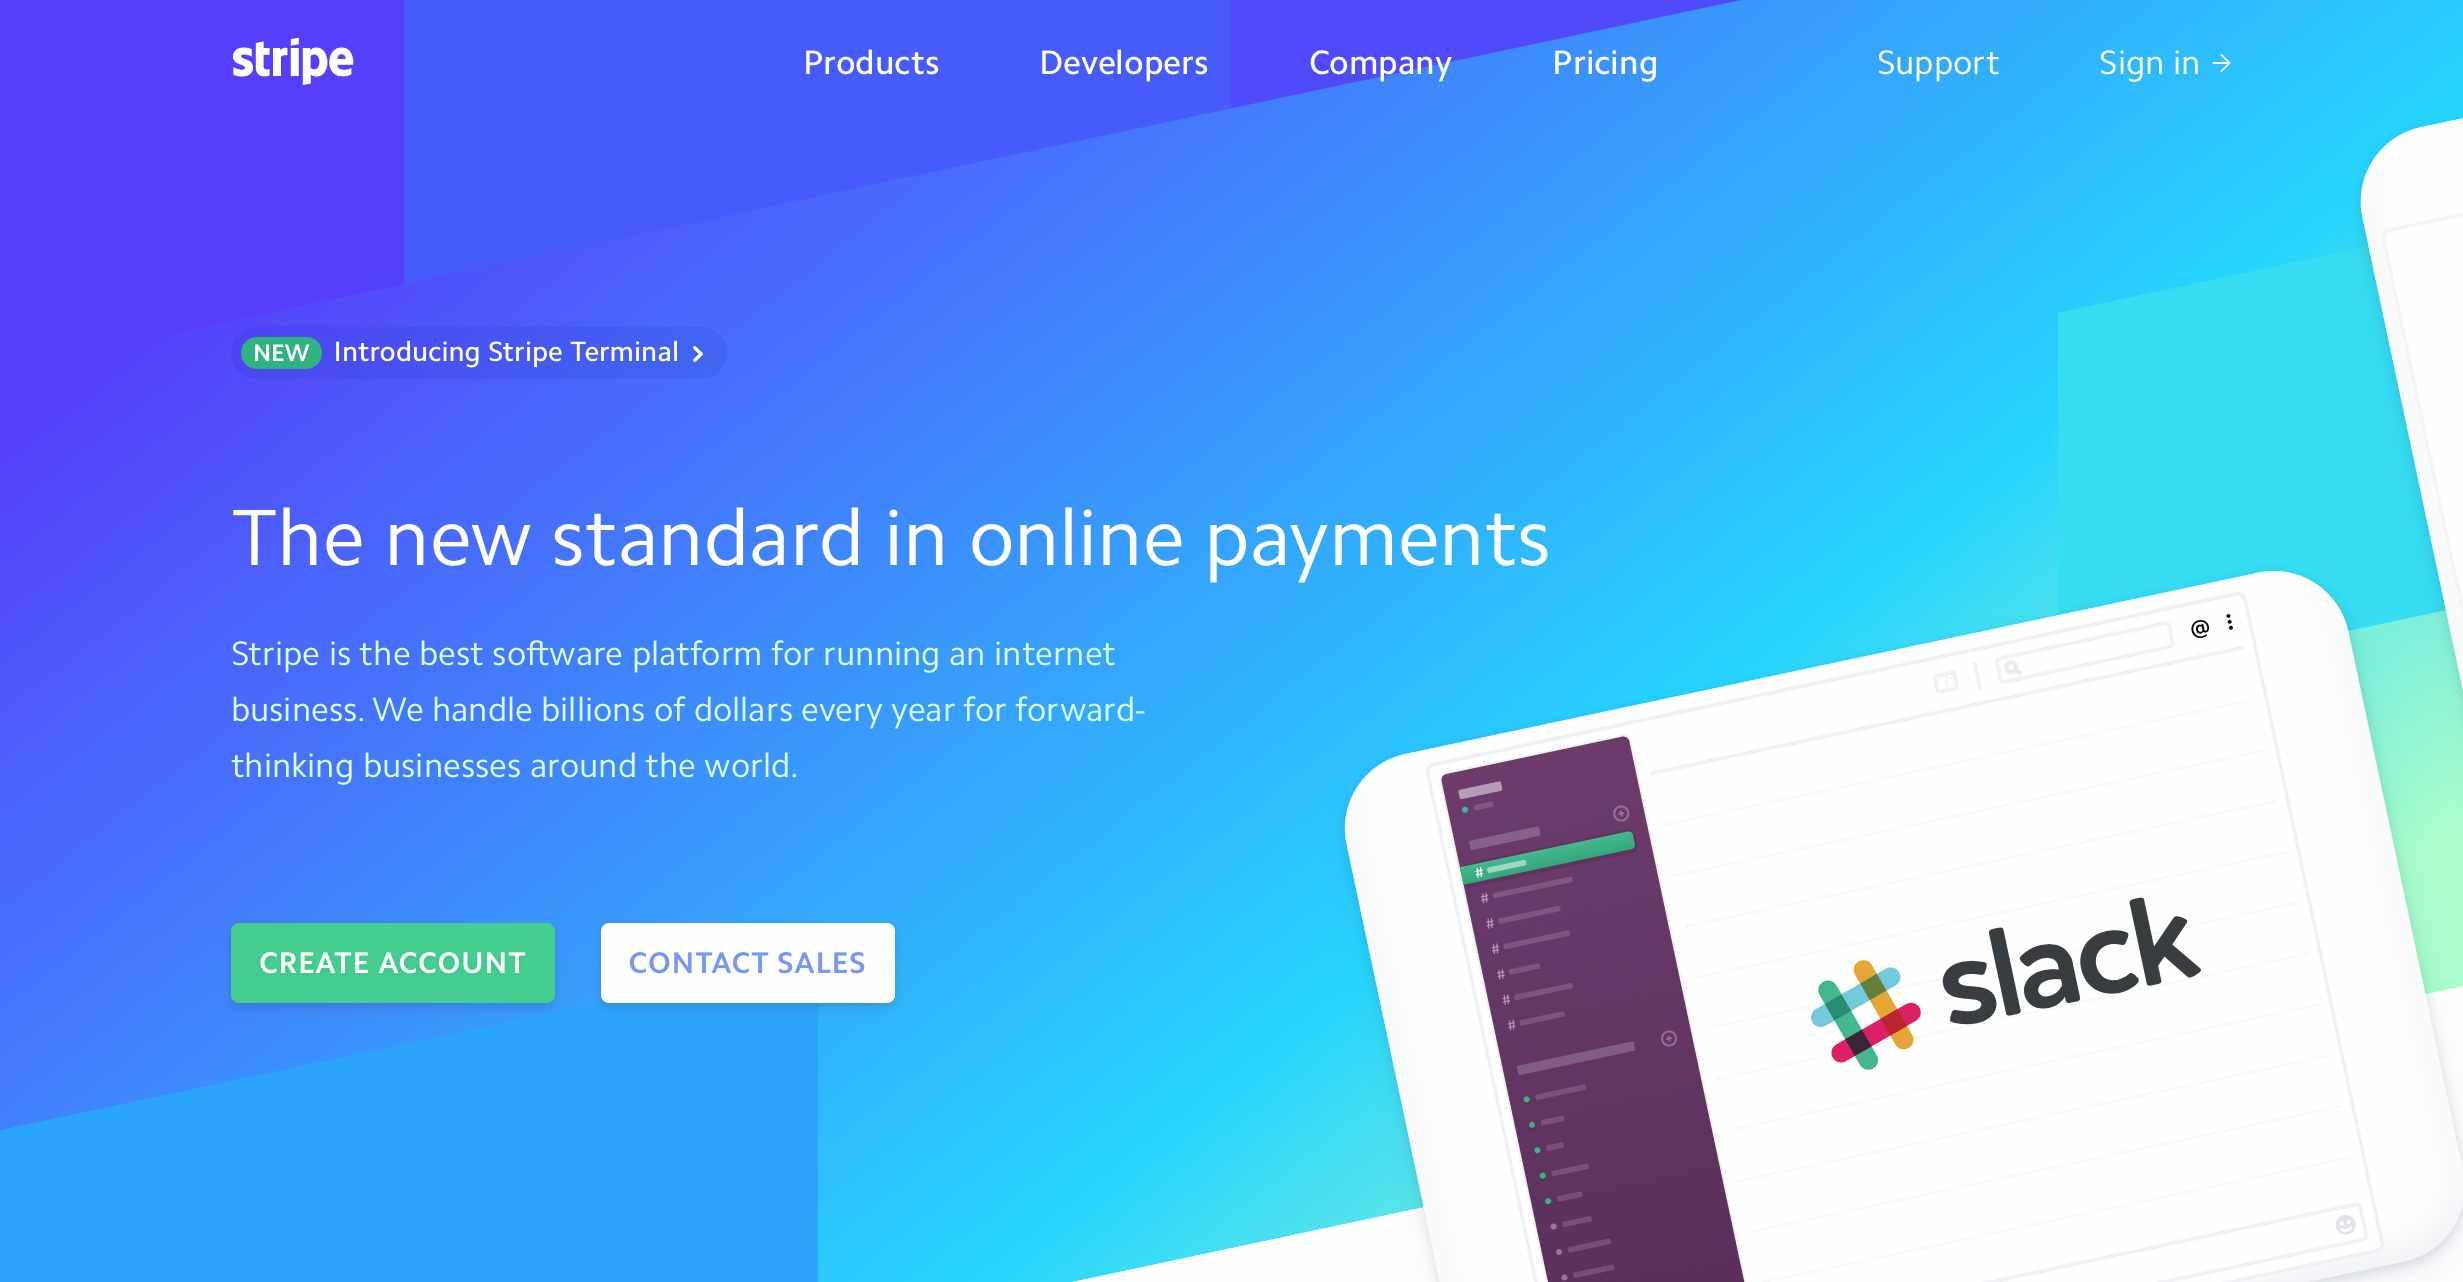 Main Menu of Stripe Website